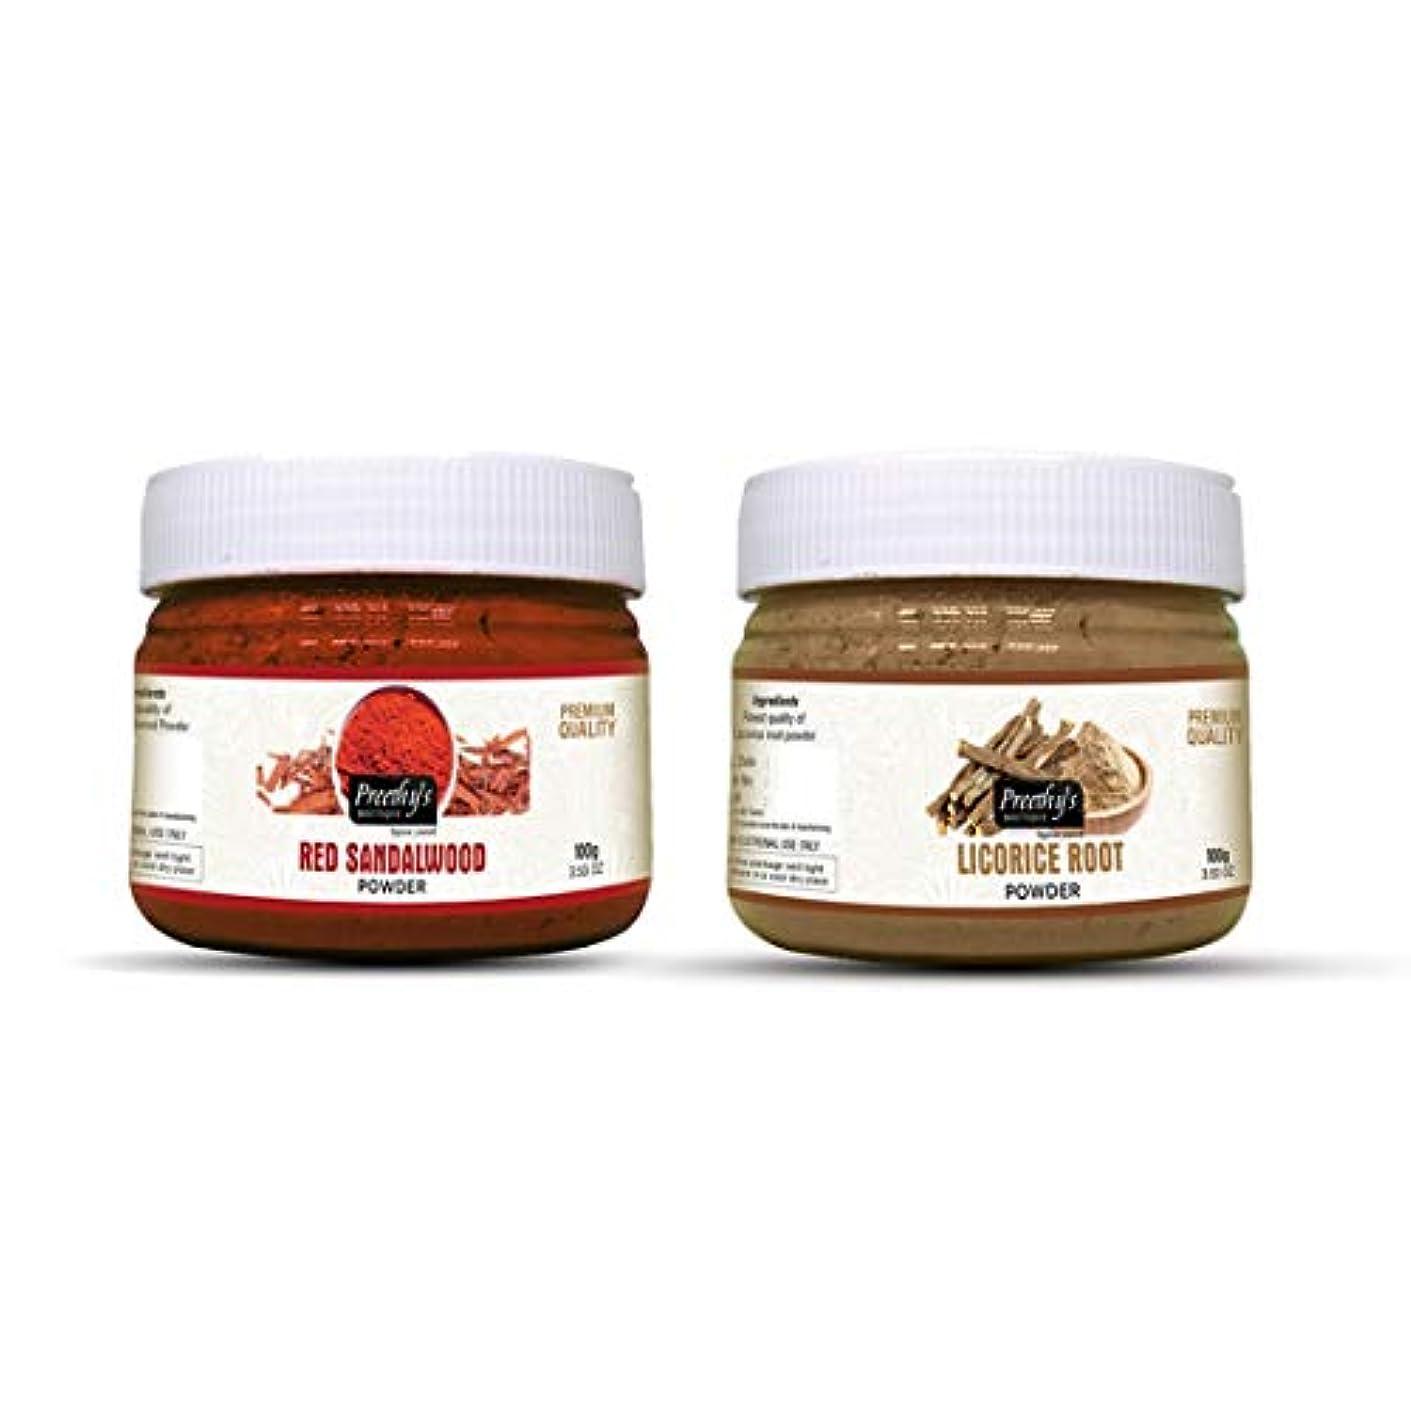 故障中レキシコン禁じるCombo offer Of Licorice root powder 100gm & Red sandalwood powder 100gm - Natural Remedies for Skin Disorders,...